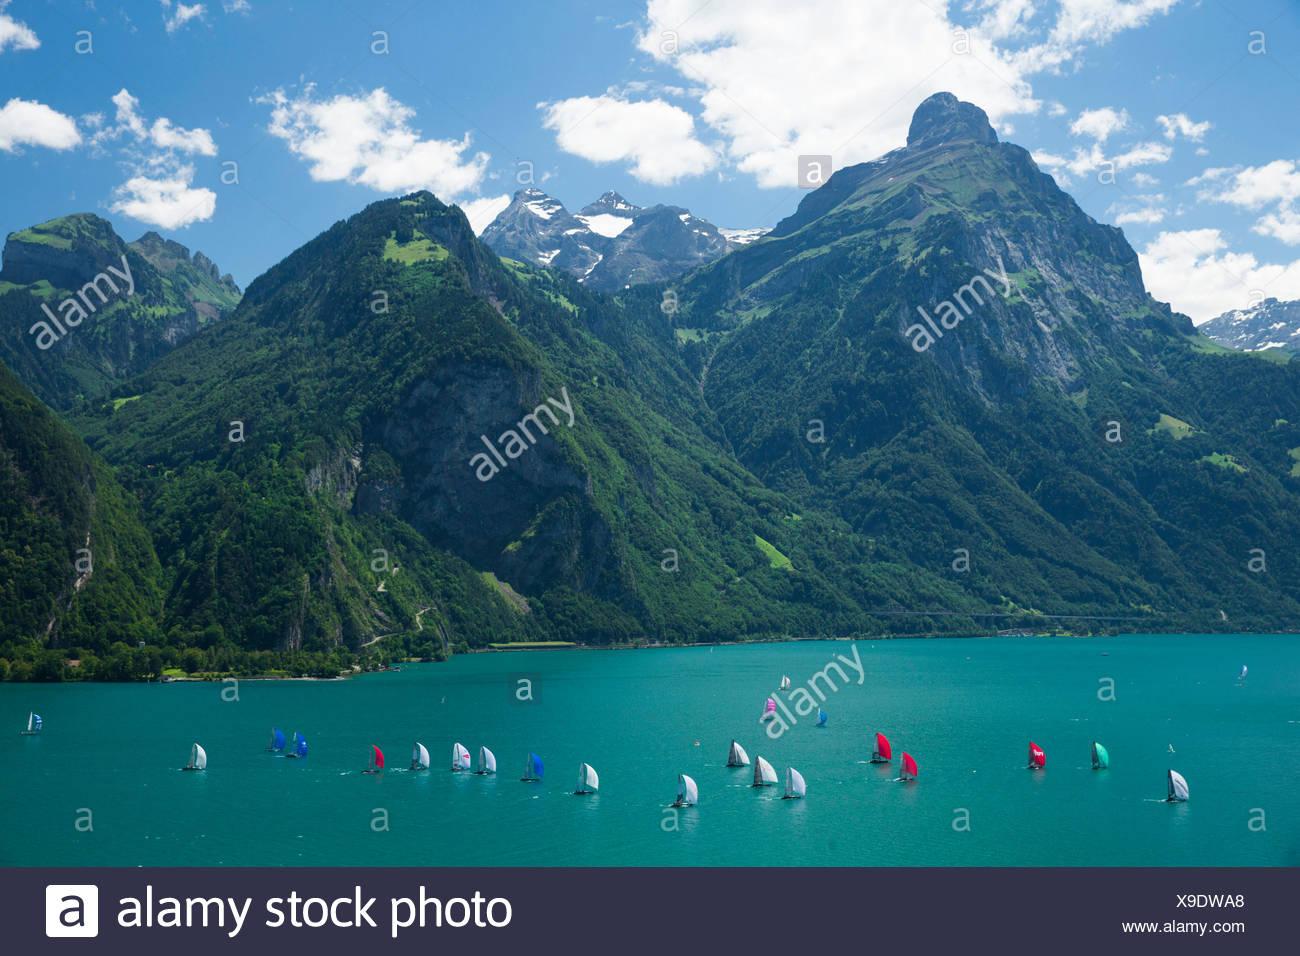 El lago de Uri, yachting, regata, Vierwaldstättersee, Lago de Lucerna, vela, vela, deportes acuáticos, Suiza, Europa, Imagen De Stock